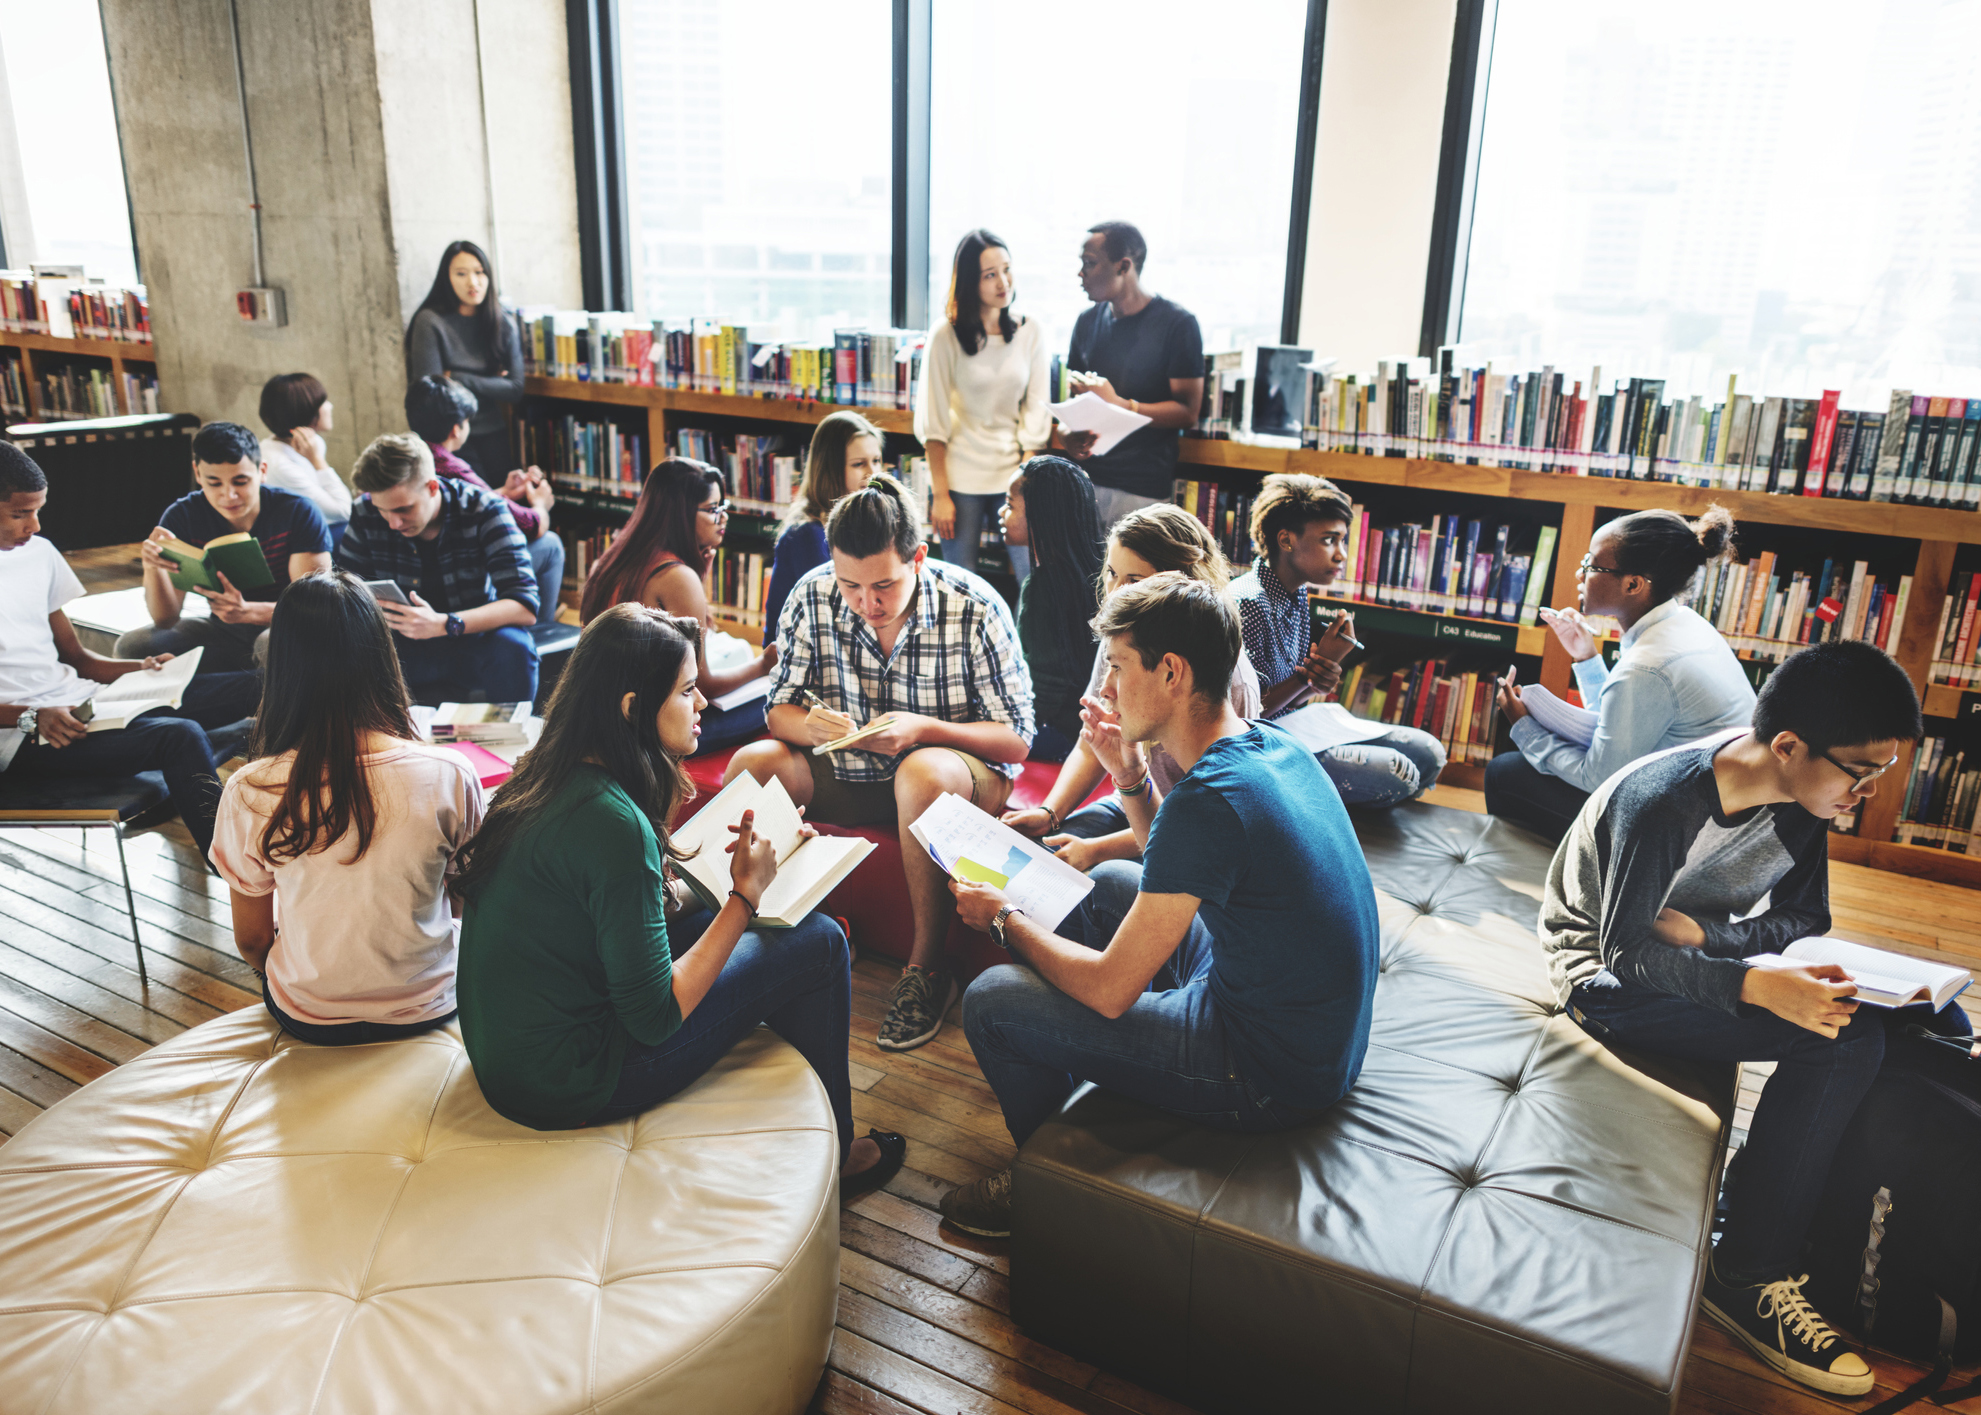 grupo de alunos na biblioteca